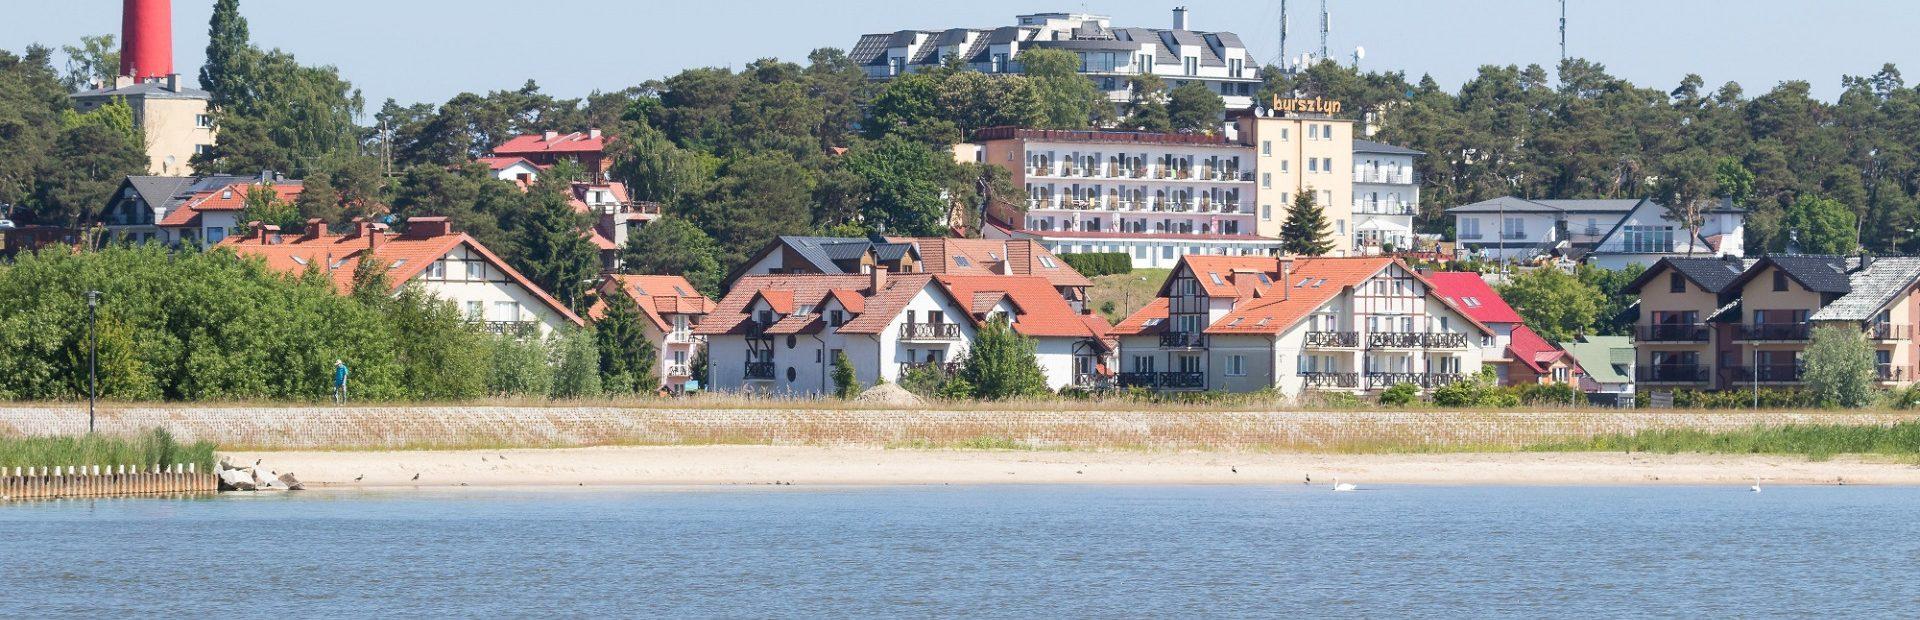 Krynica Morska – urokliwa miejscowość między Bałtykiem a wodami Zalewu Wiślanego